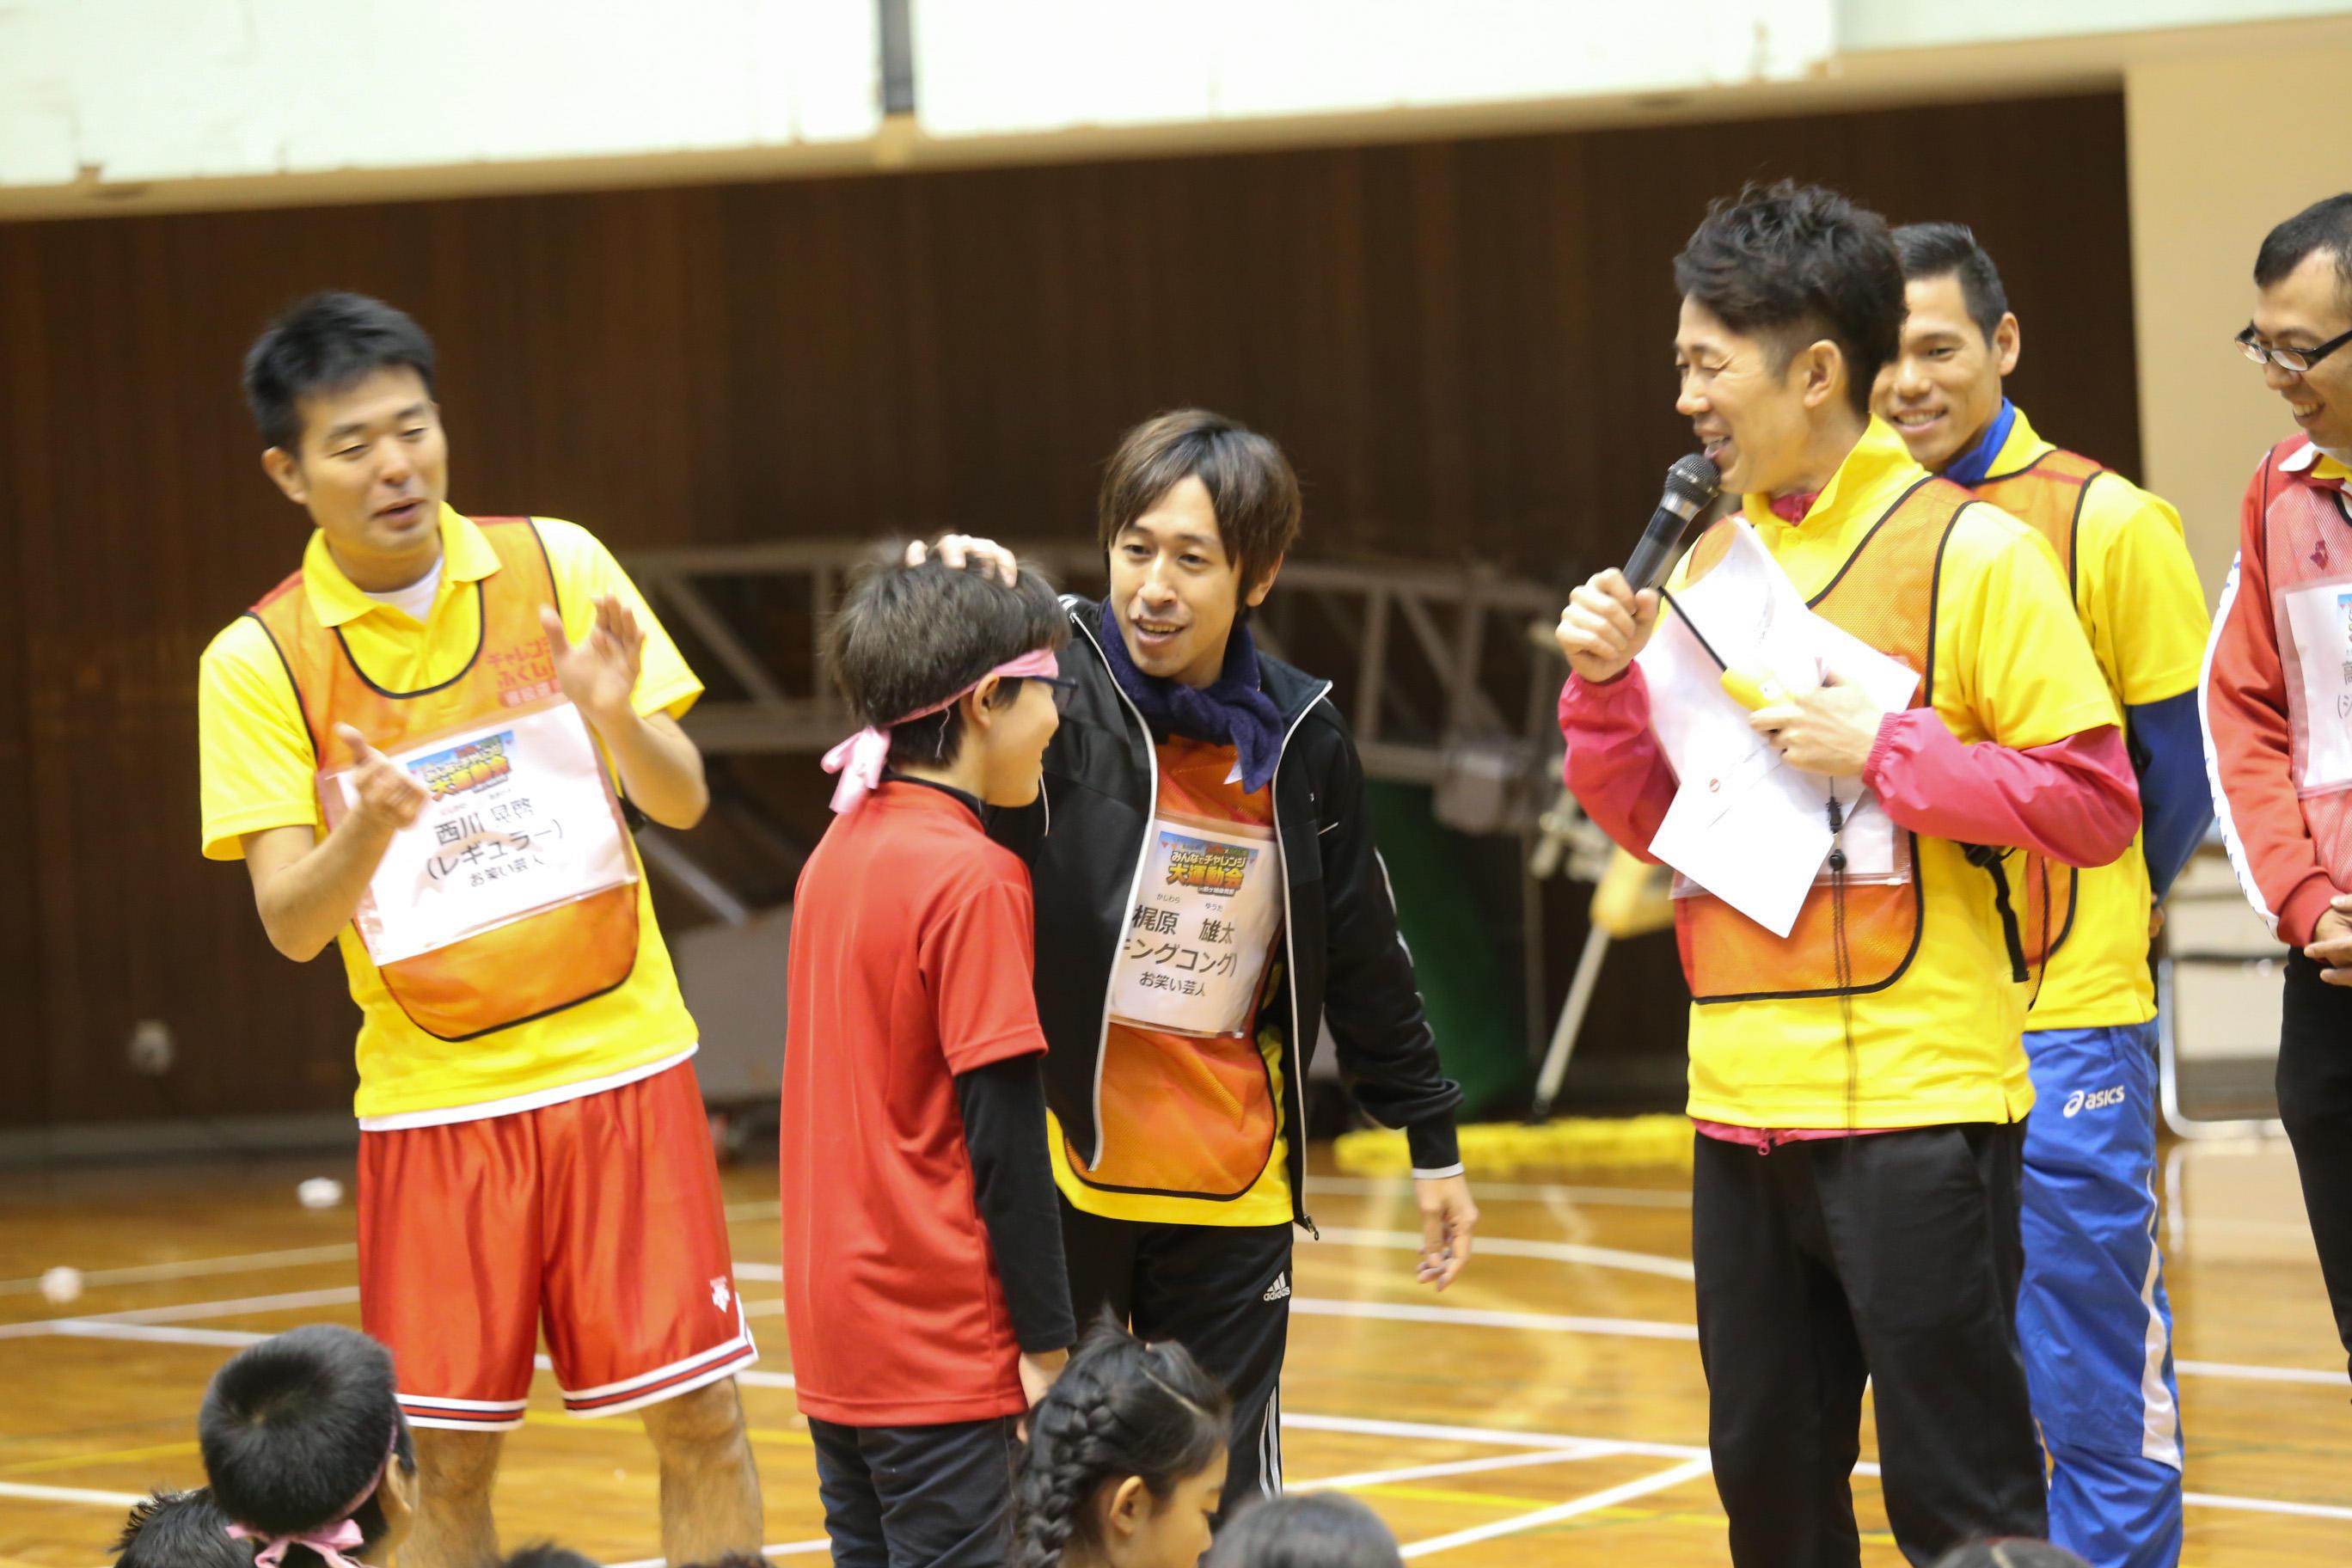 http://news.yoshimoto.co.jp/20171129030051-d4b13803113318ab5afde8bf2cb549b60fc139ad.jpg